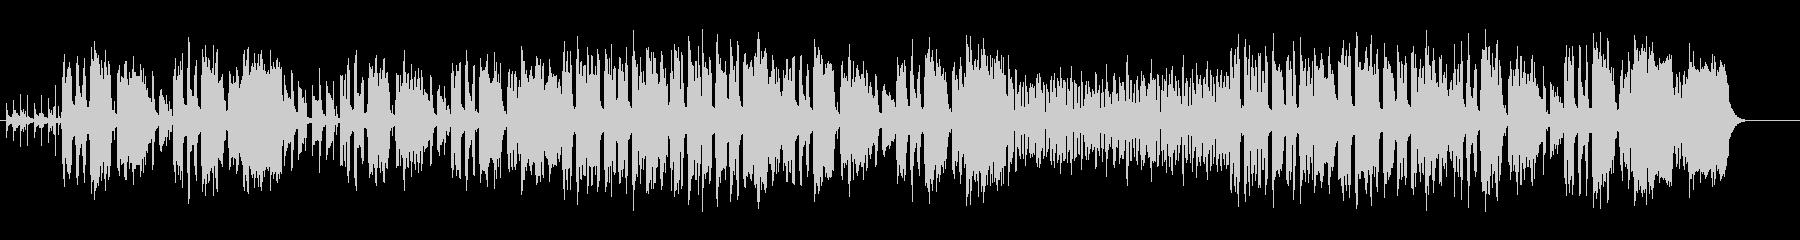 コミカルタッチのエンタテイメントサウンドの未再生の波形